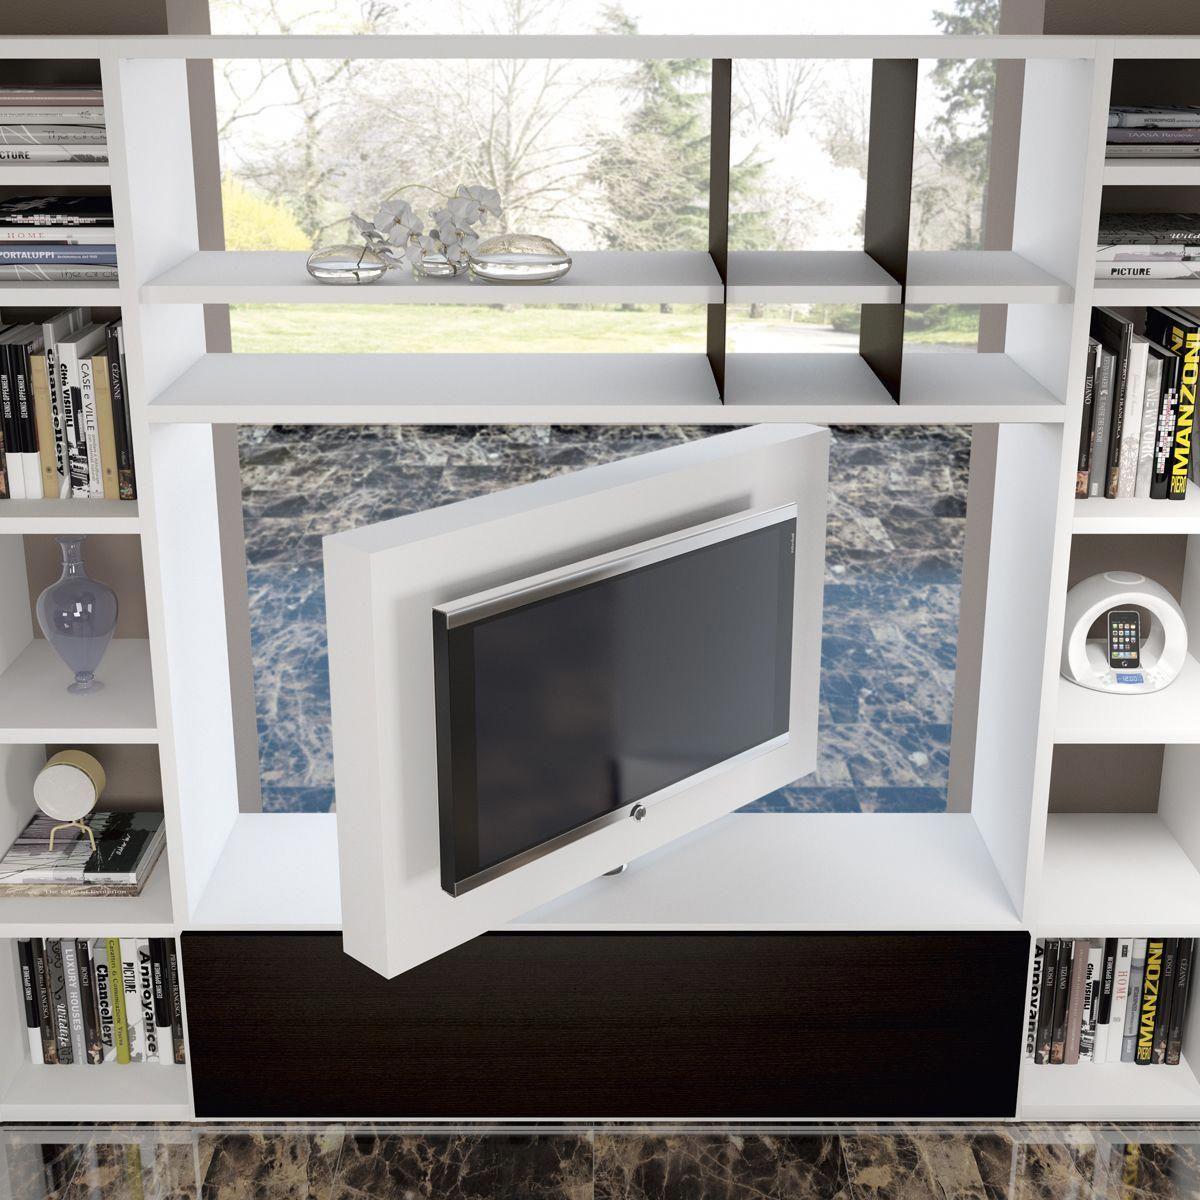 porta #tv girevole orientabile Free view 360 mood - Dettaglio ...